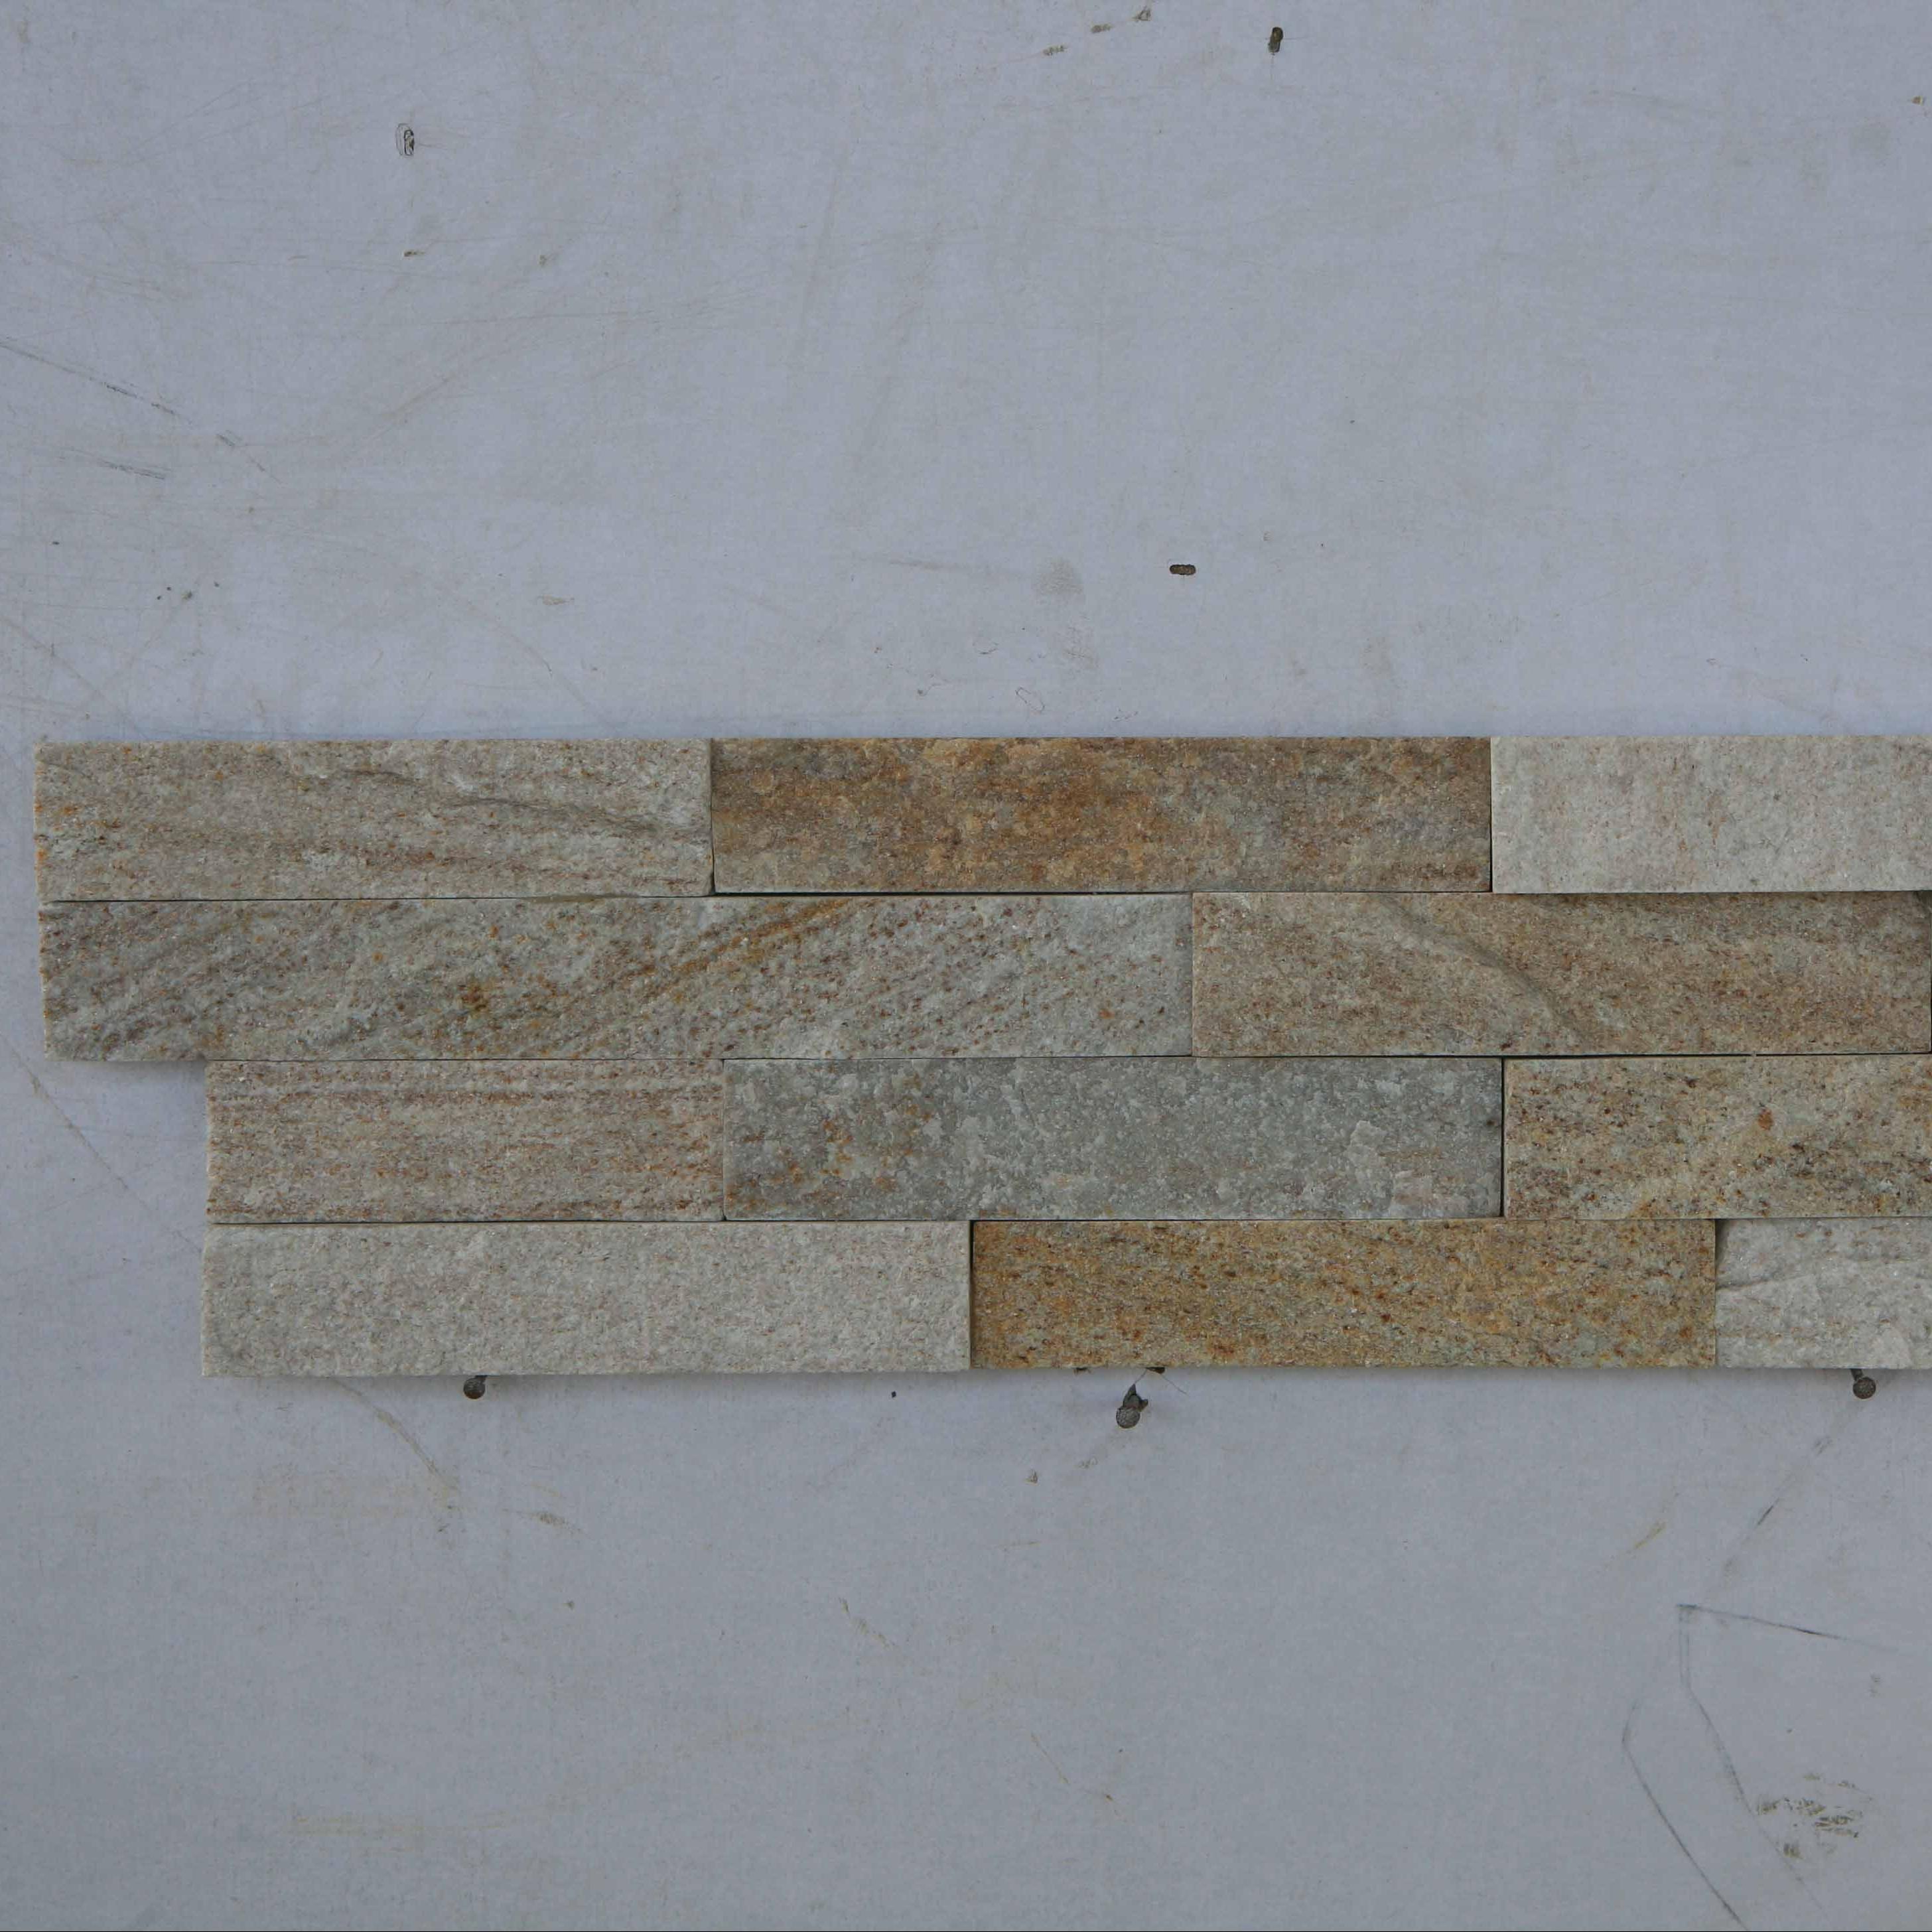 Finden Sie Hohe Qualität Dekorplatten Stein Für Kamin Hersteller Und  Dekorplatten Stein Für Kamin Auf Alibaba.com